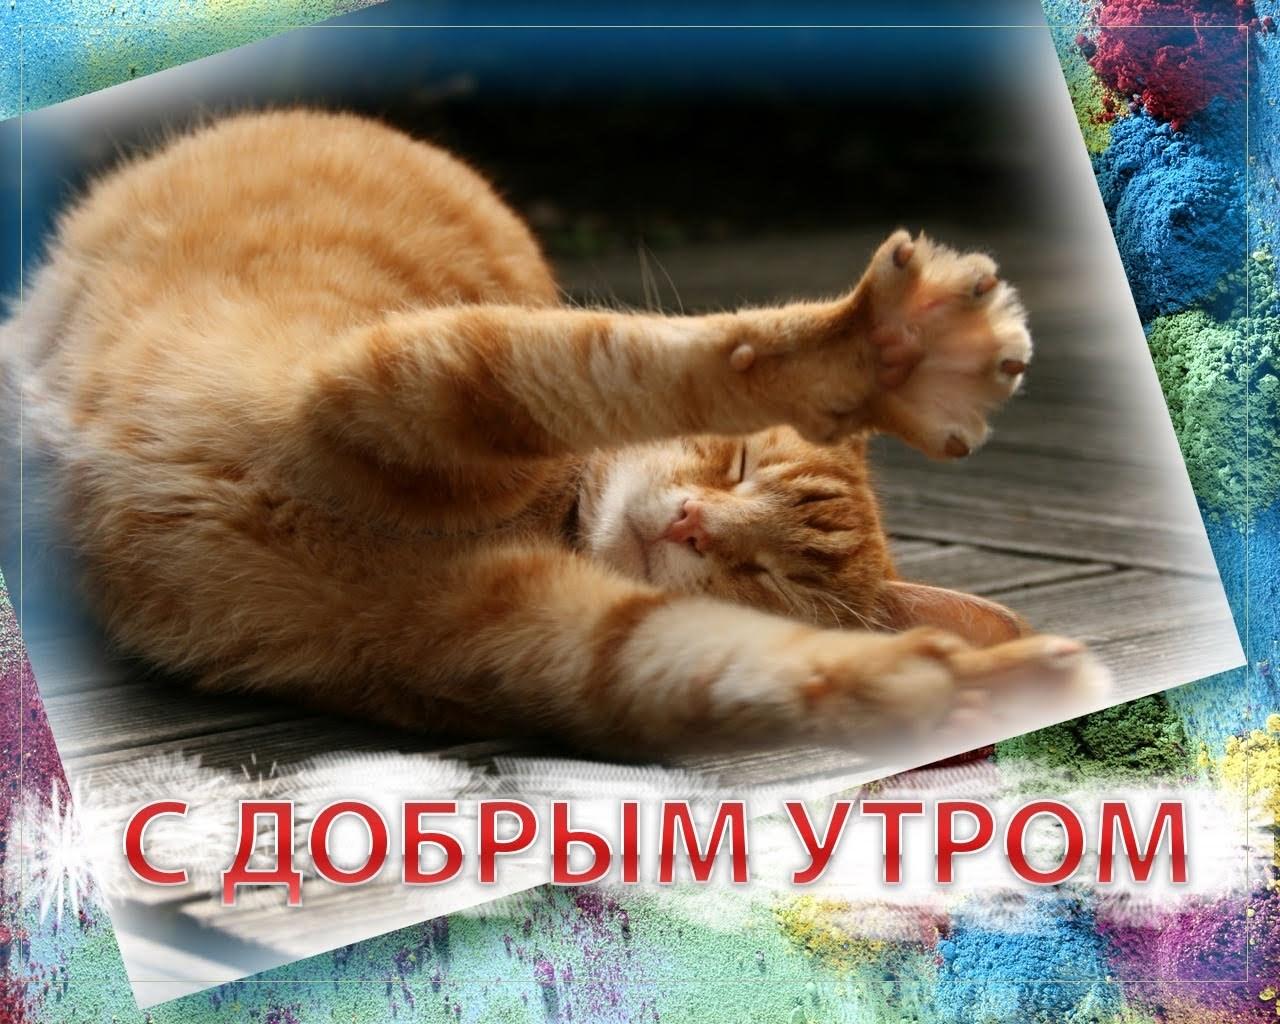 С Добрым утром, котенок! - гиф анимация 97